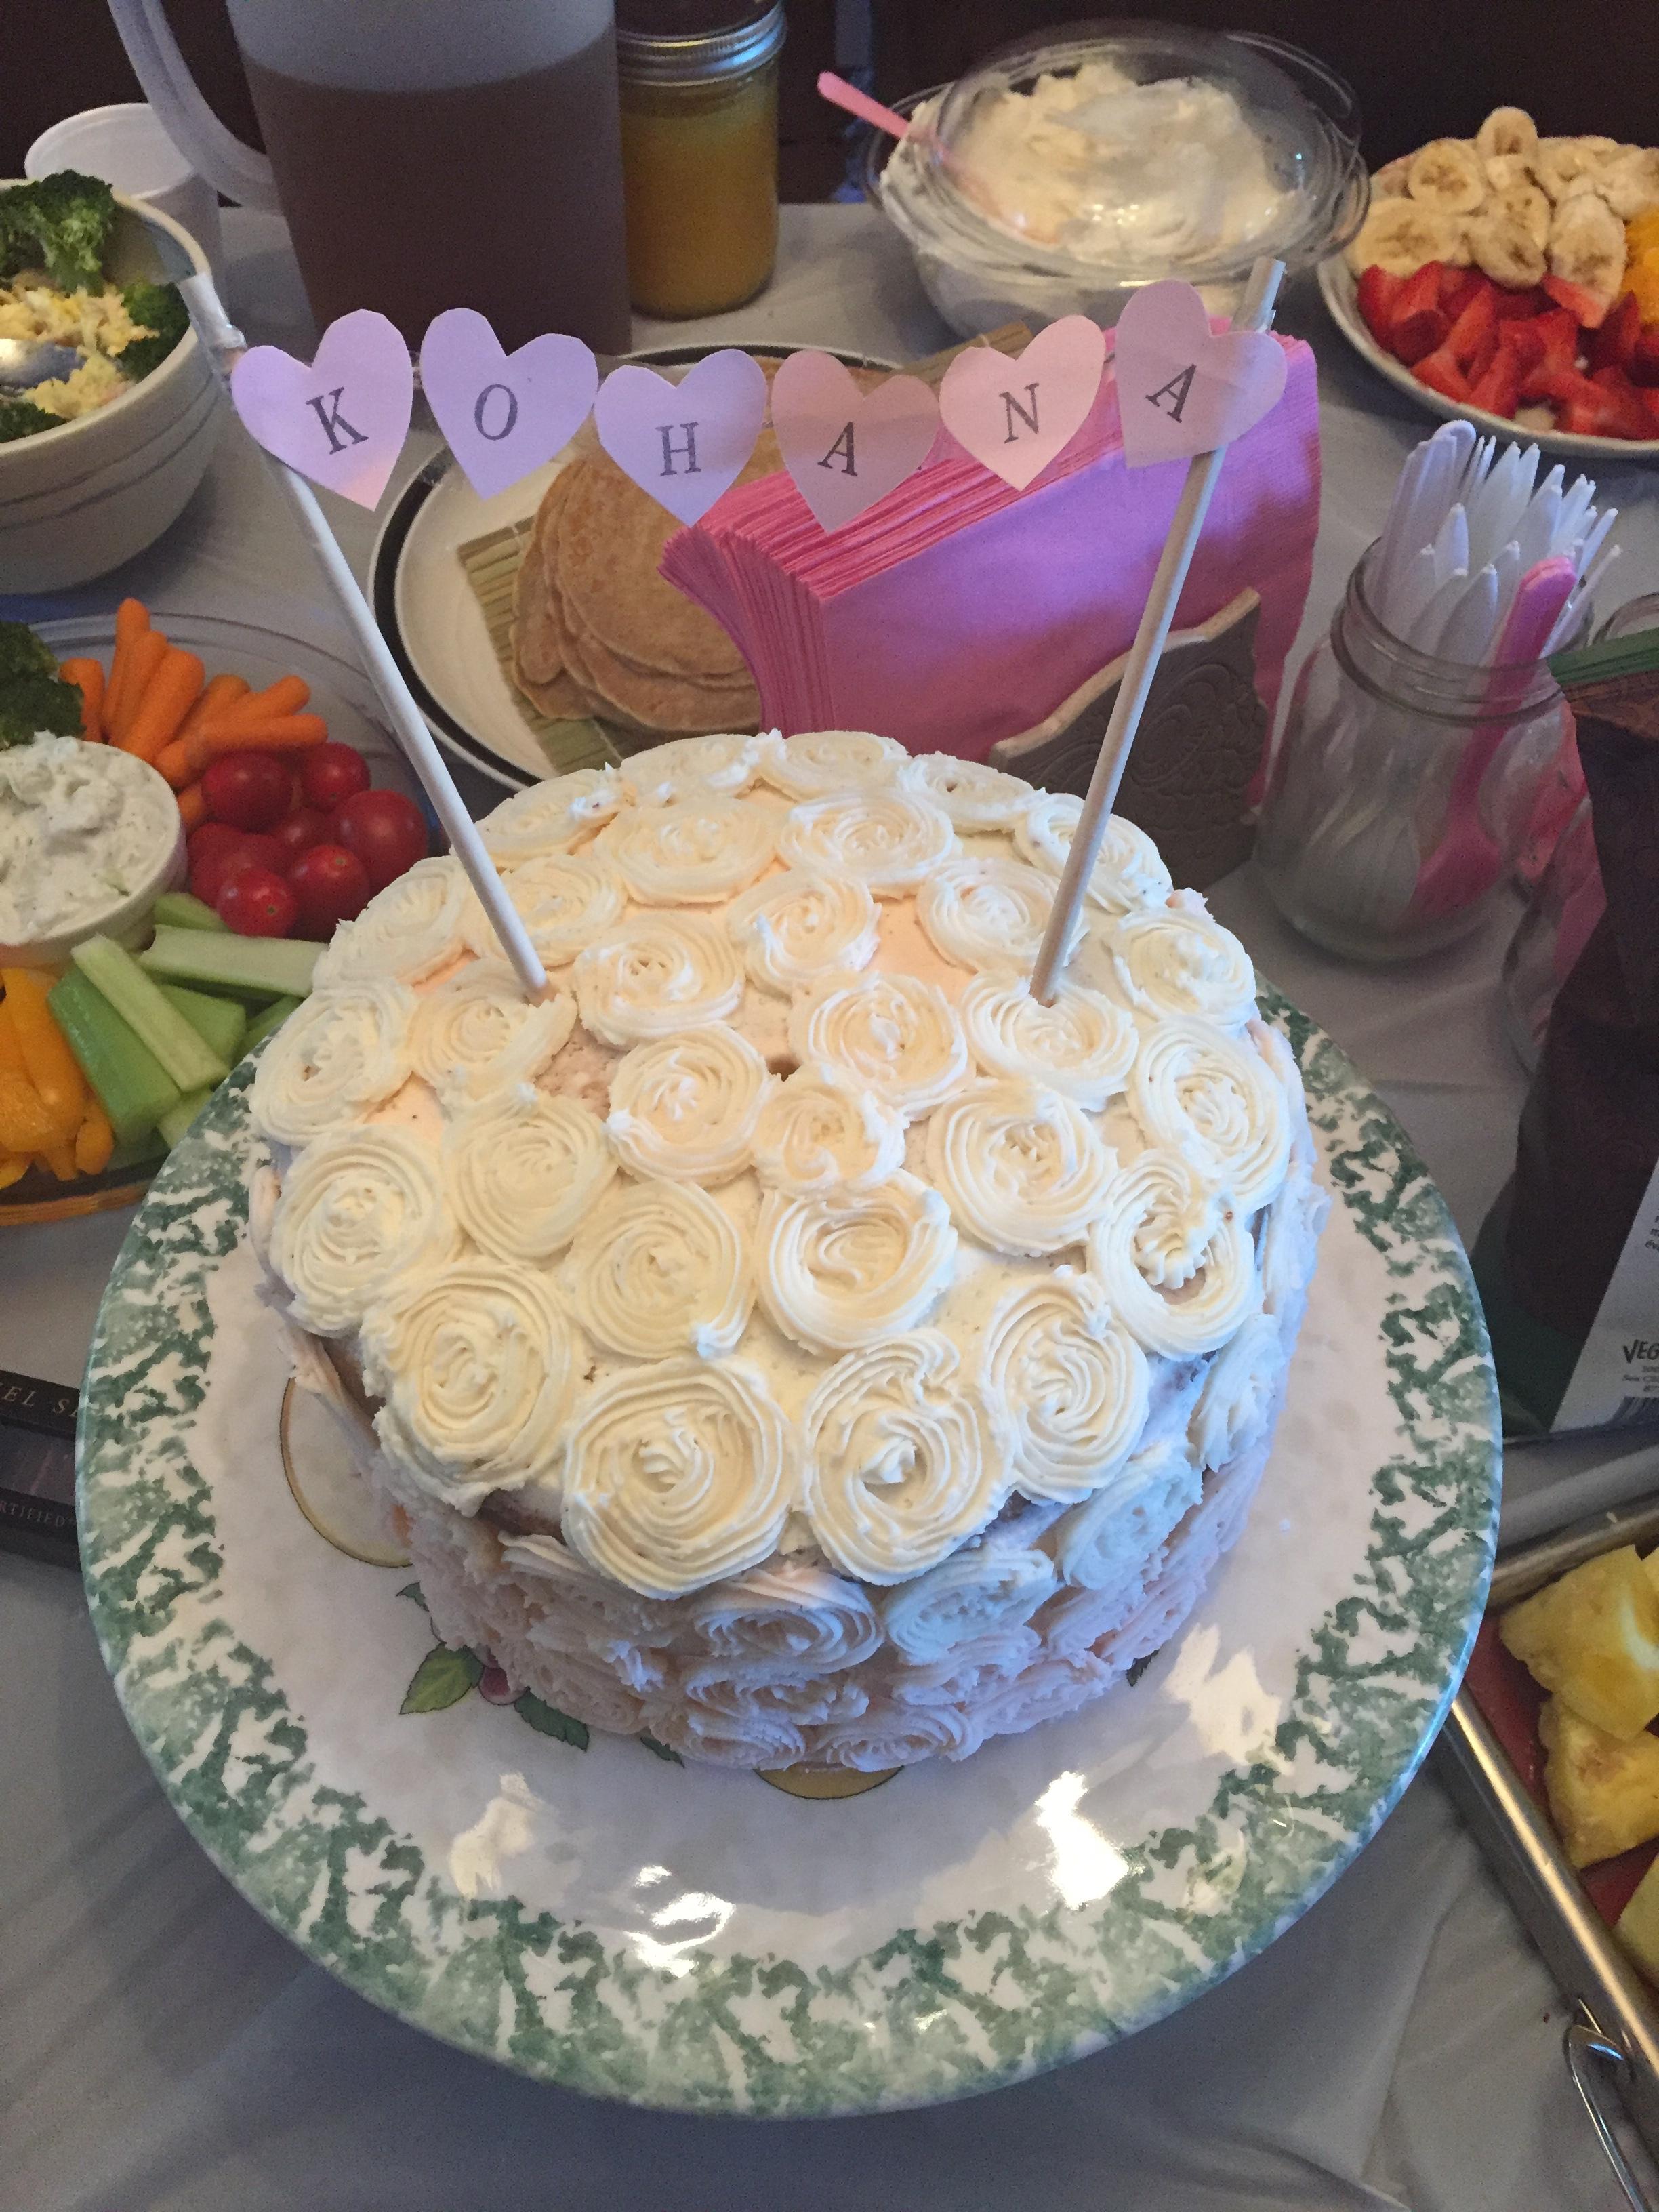 Kohana's 1st Birthday Cake